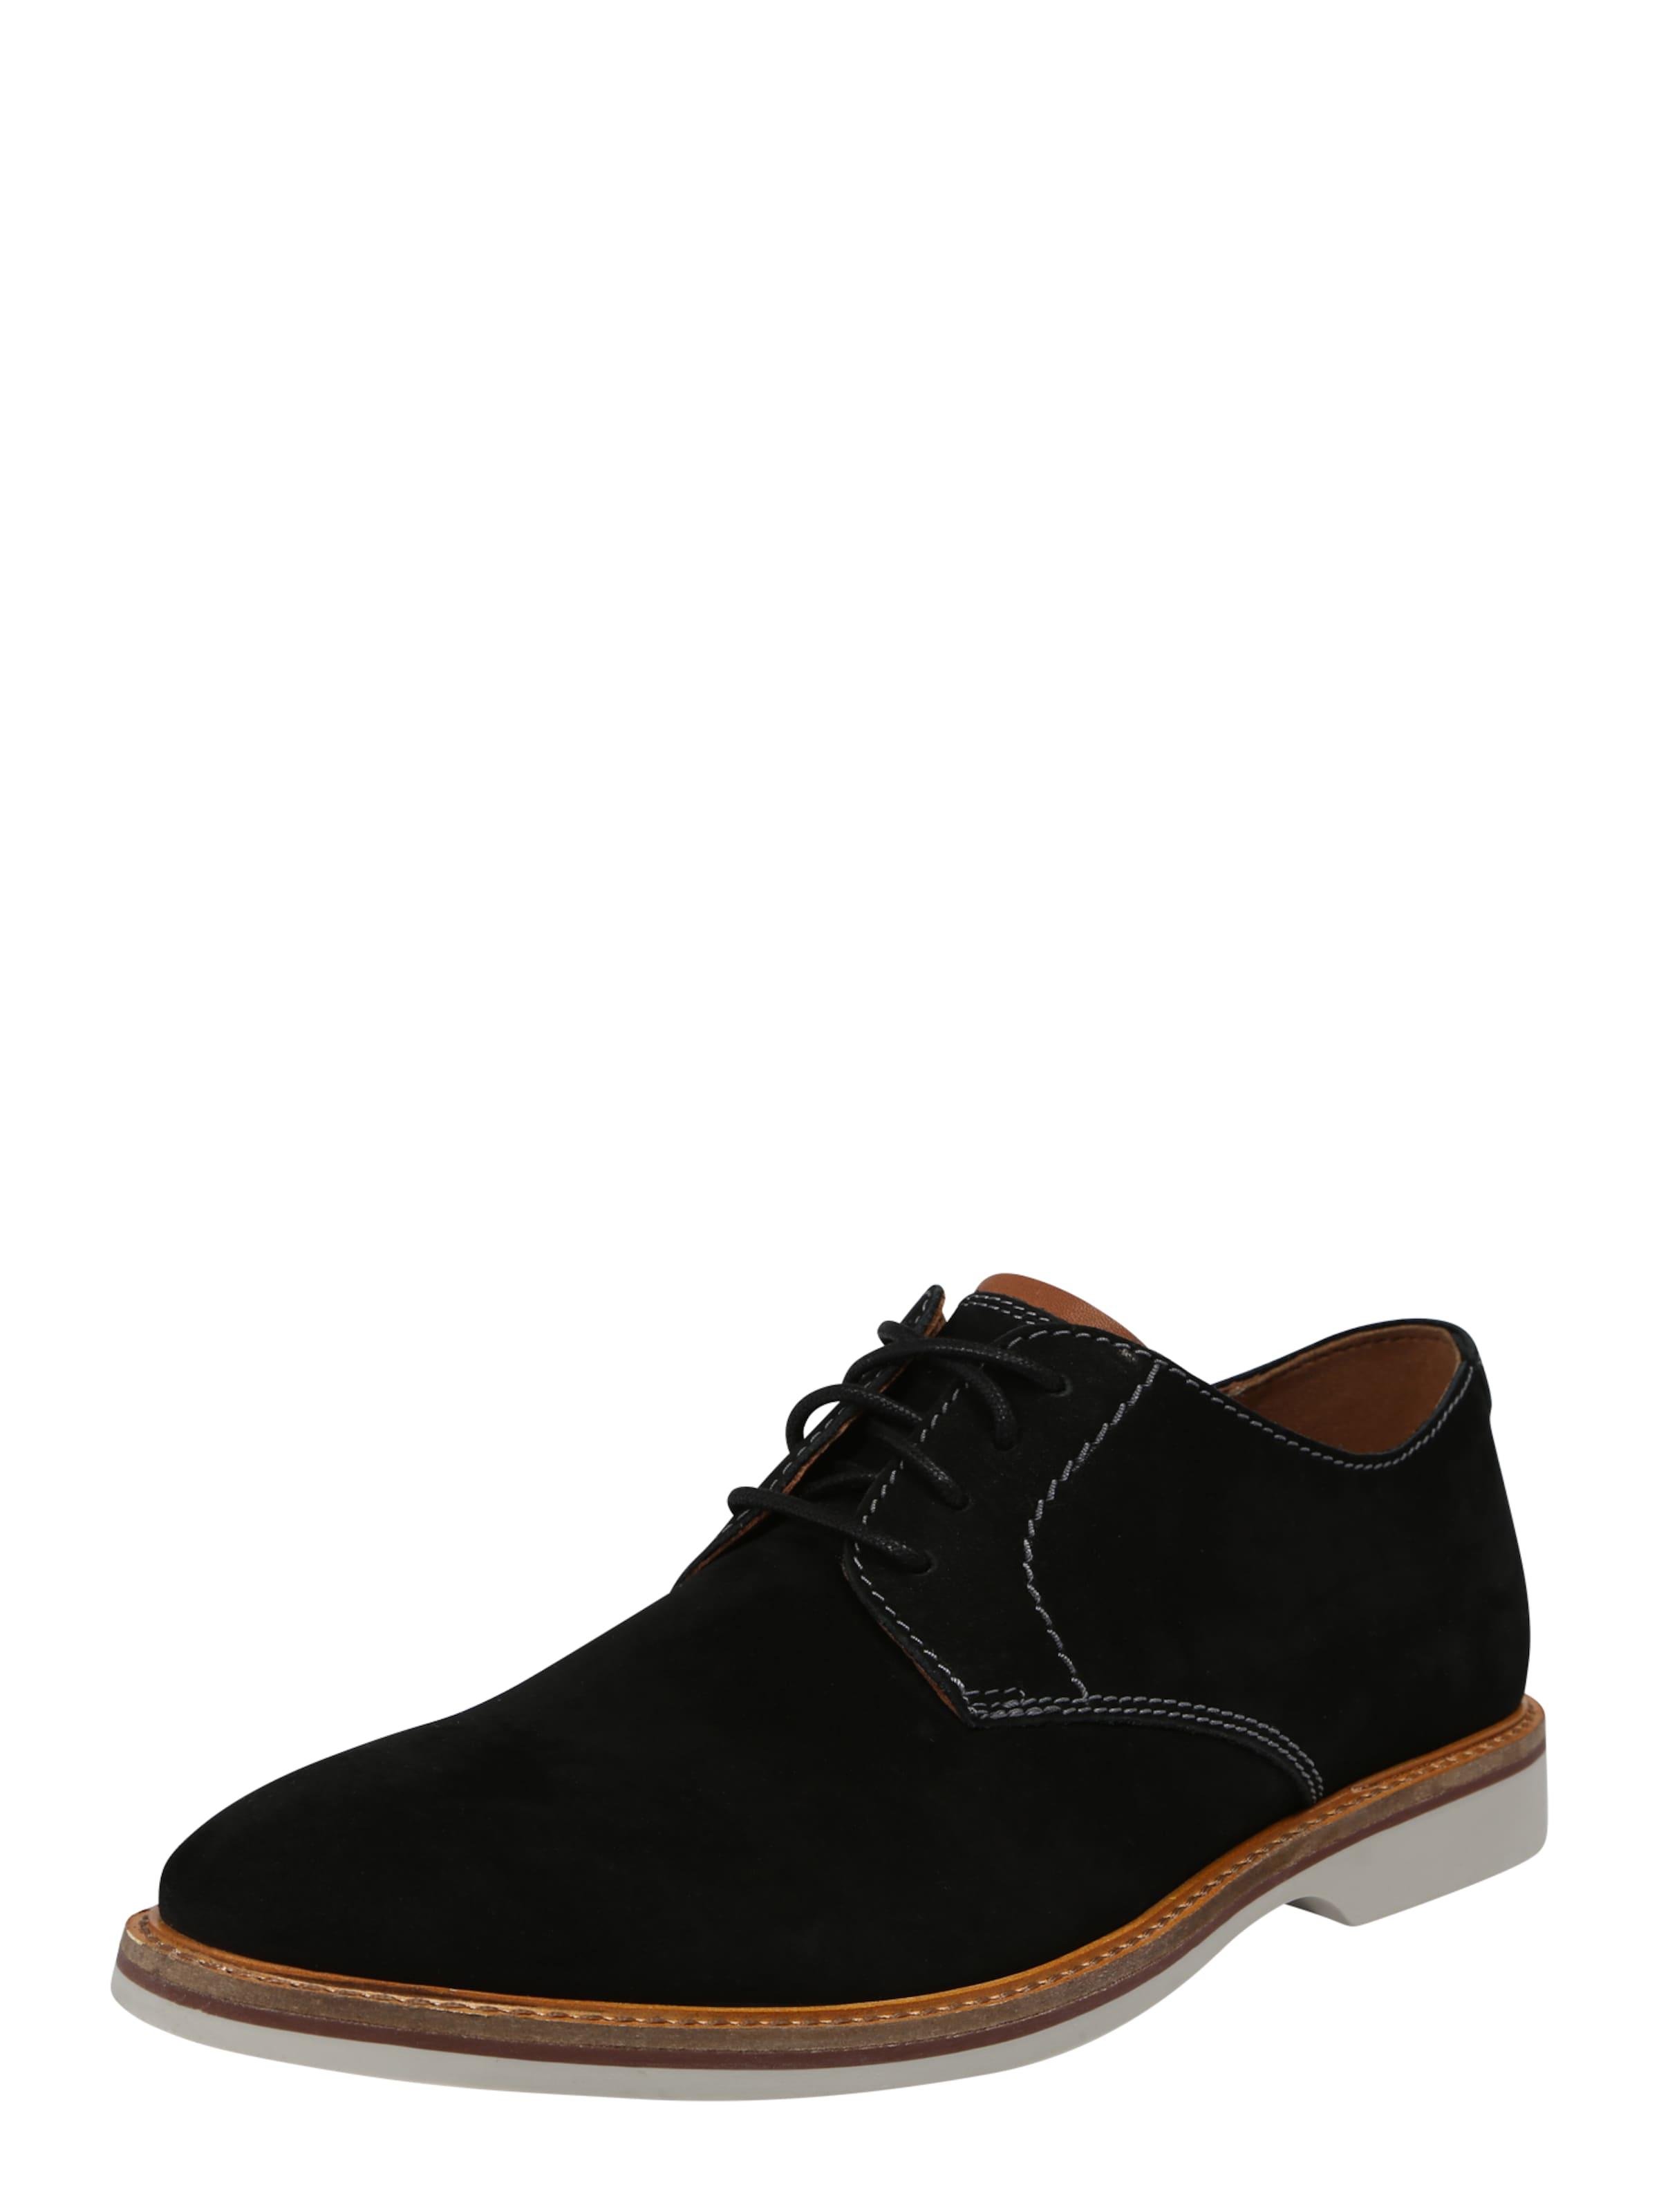 'atticus Chaussure Lacets Noir Clarks À Lace' En CdxrBoe